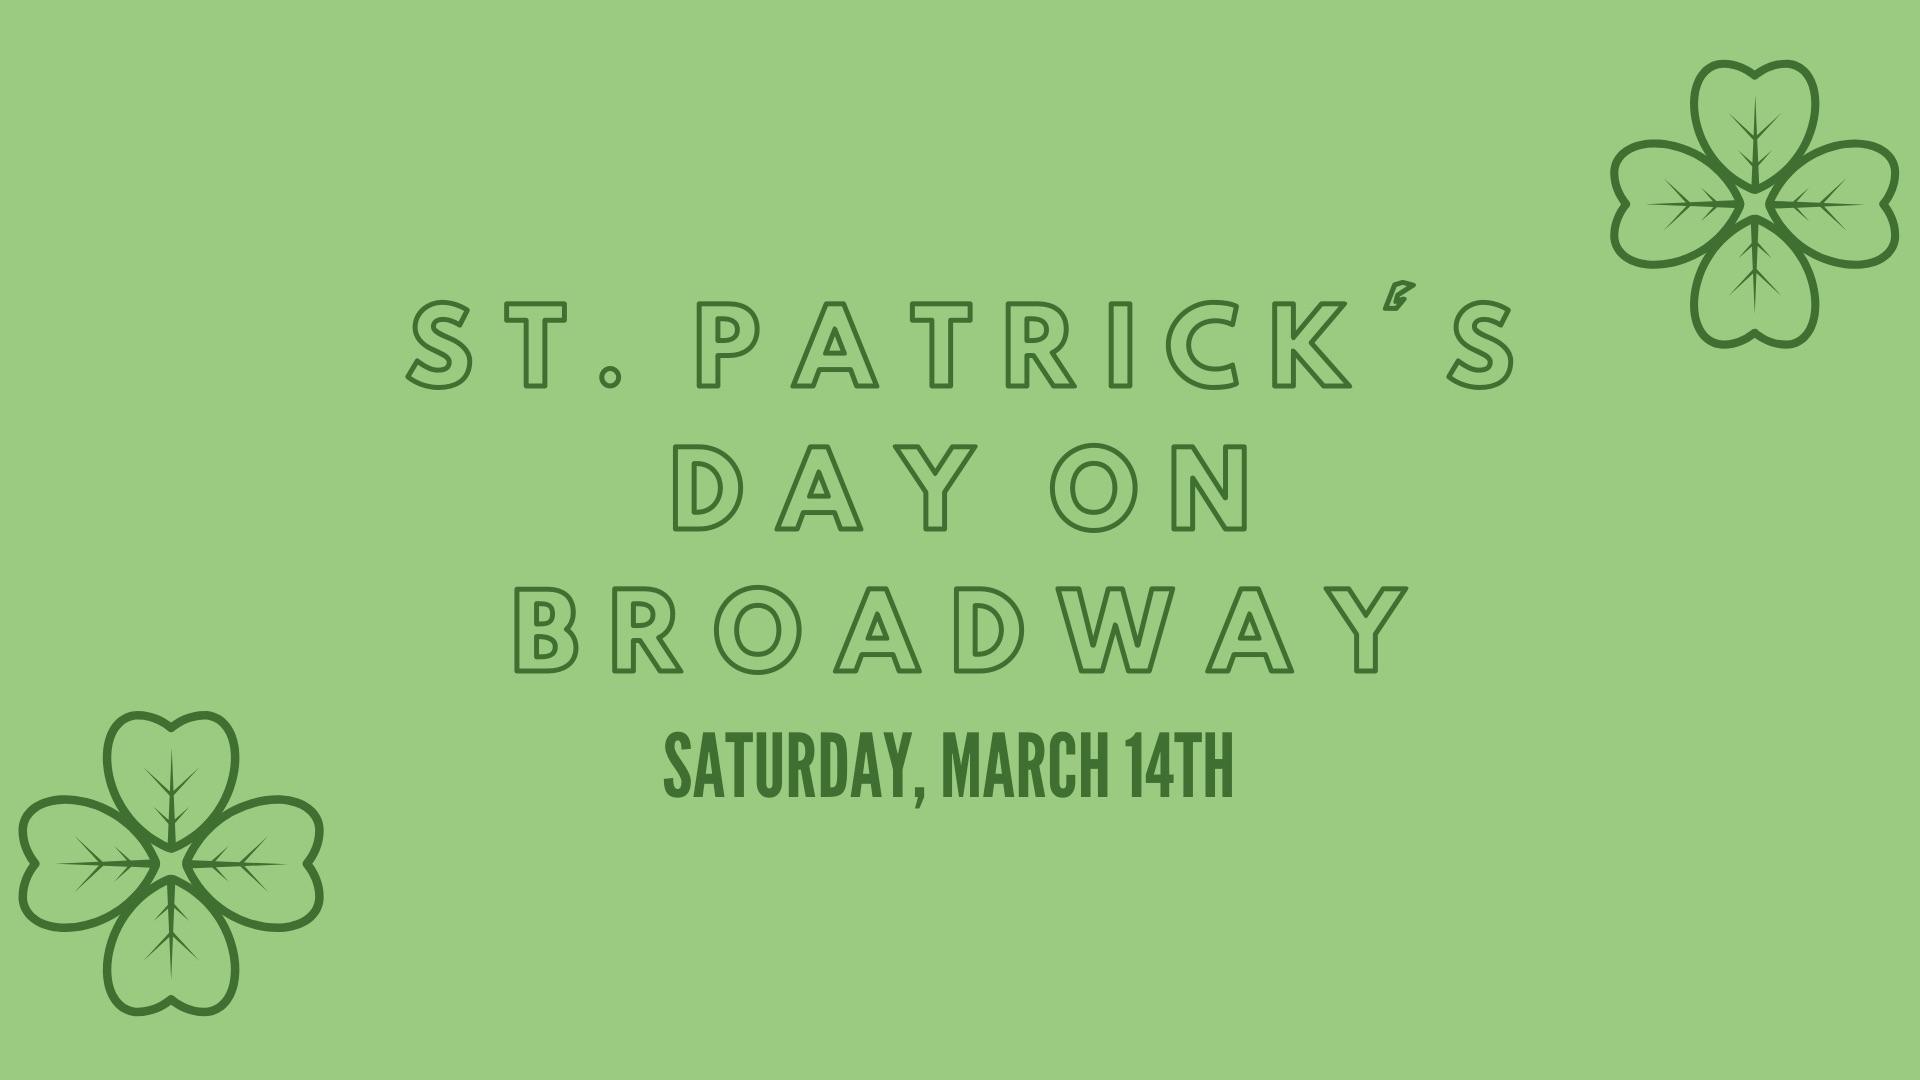 St. Patrick's Day on Broadway